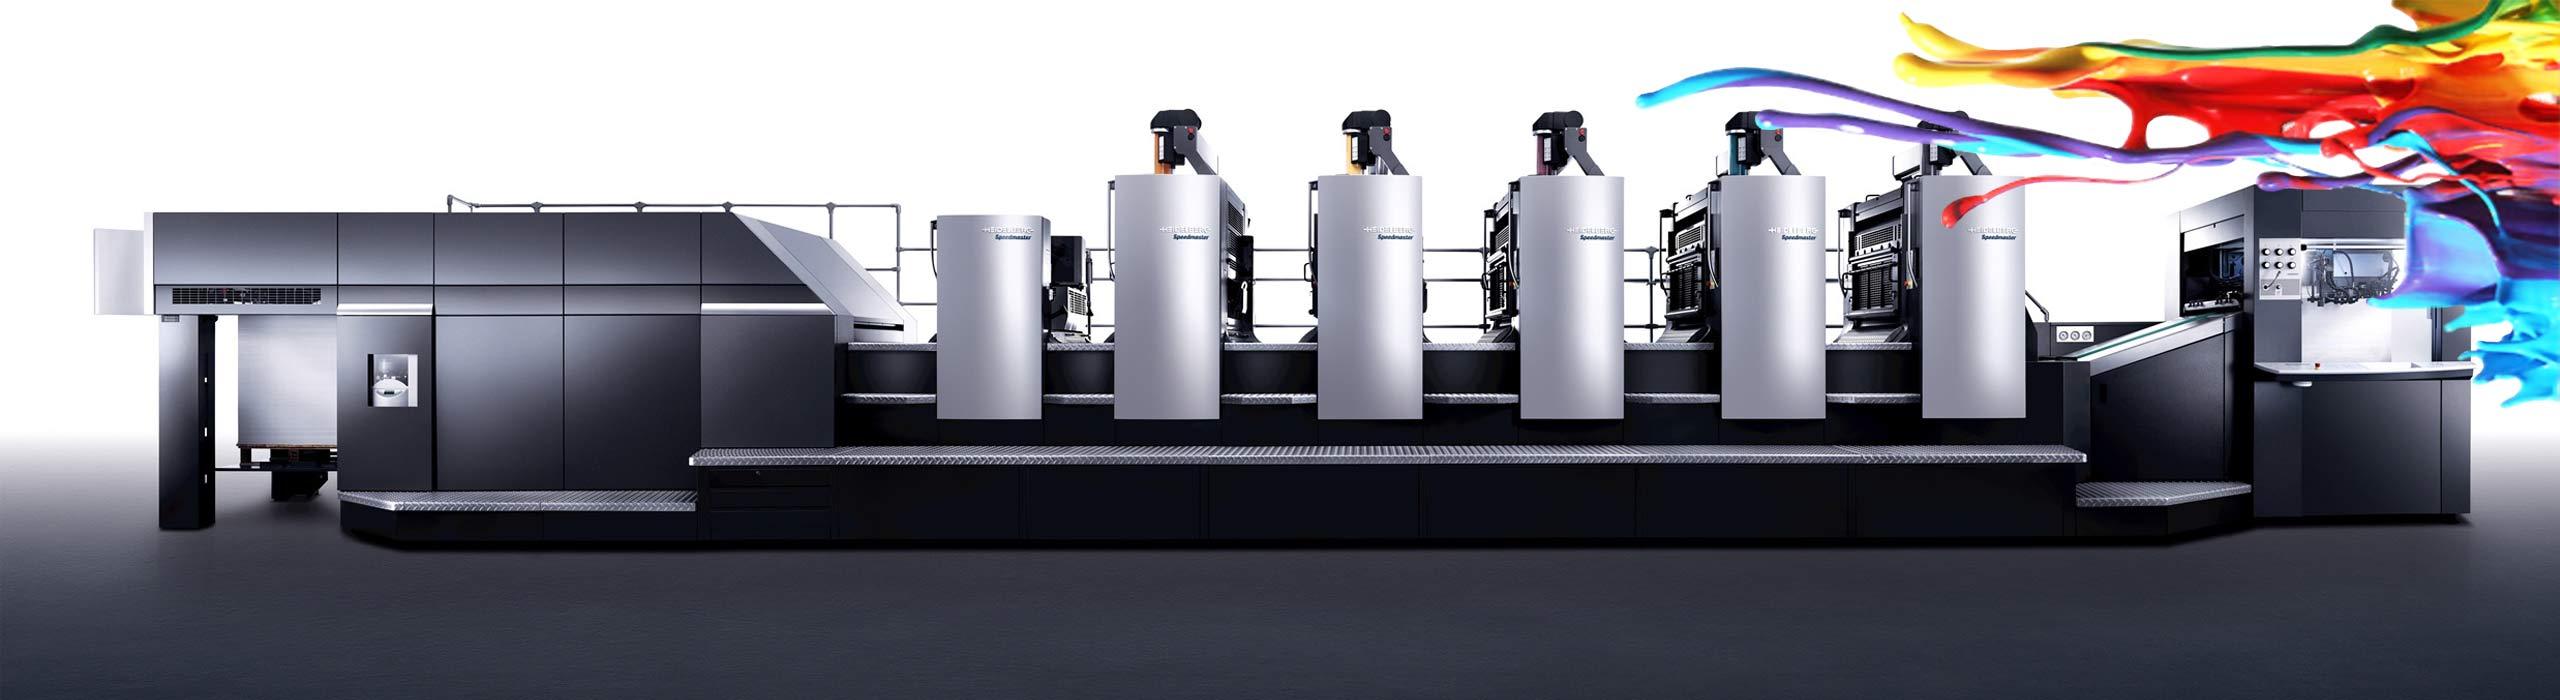 Print-press